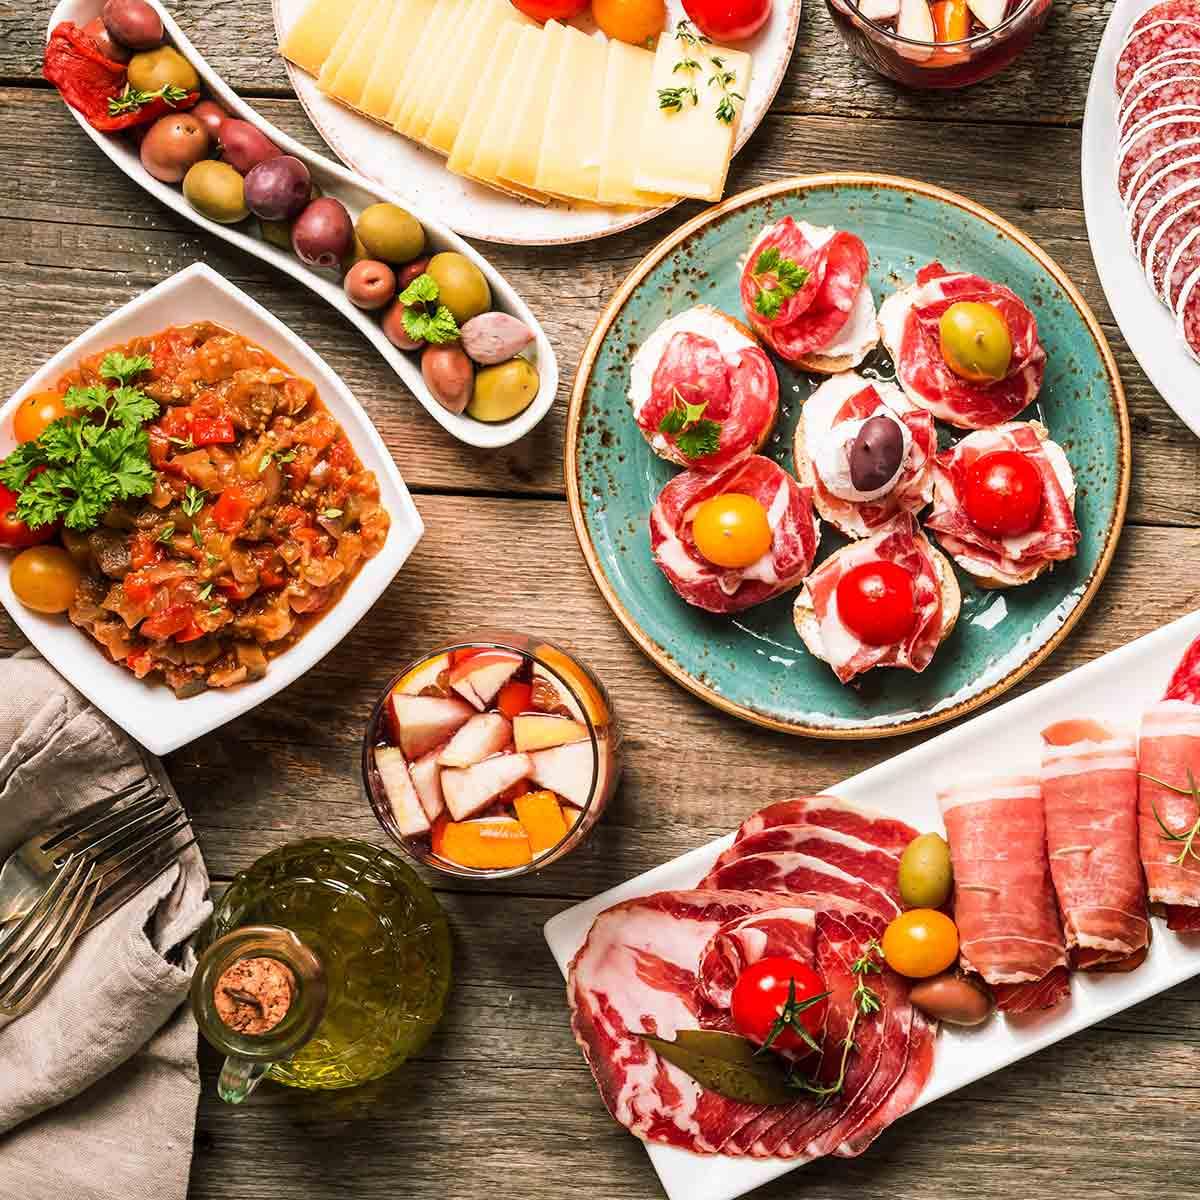 recetas tipicas de la dieta mediterranea